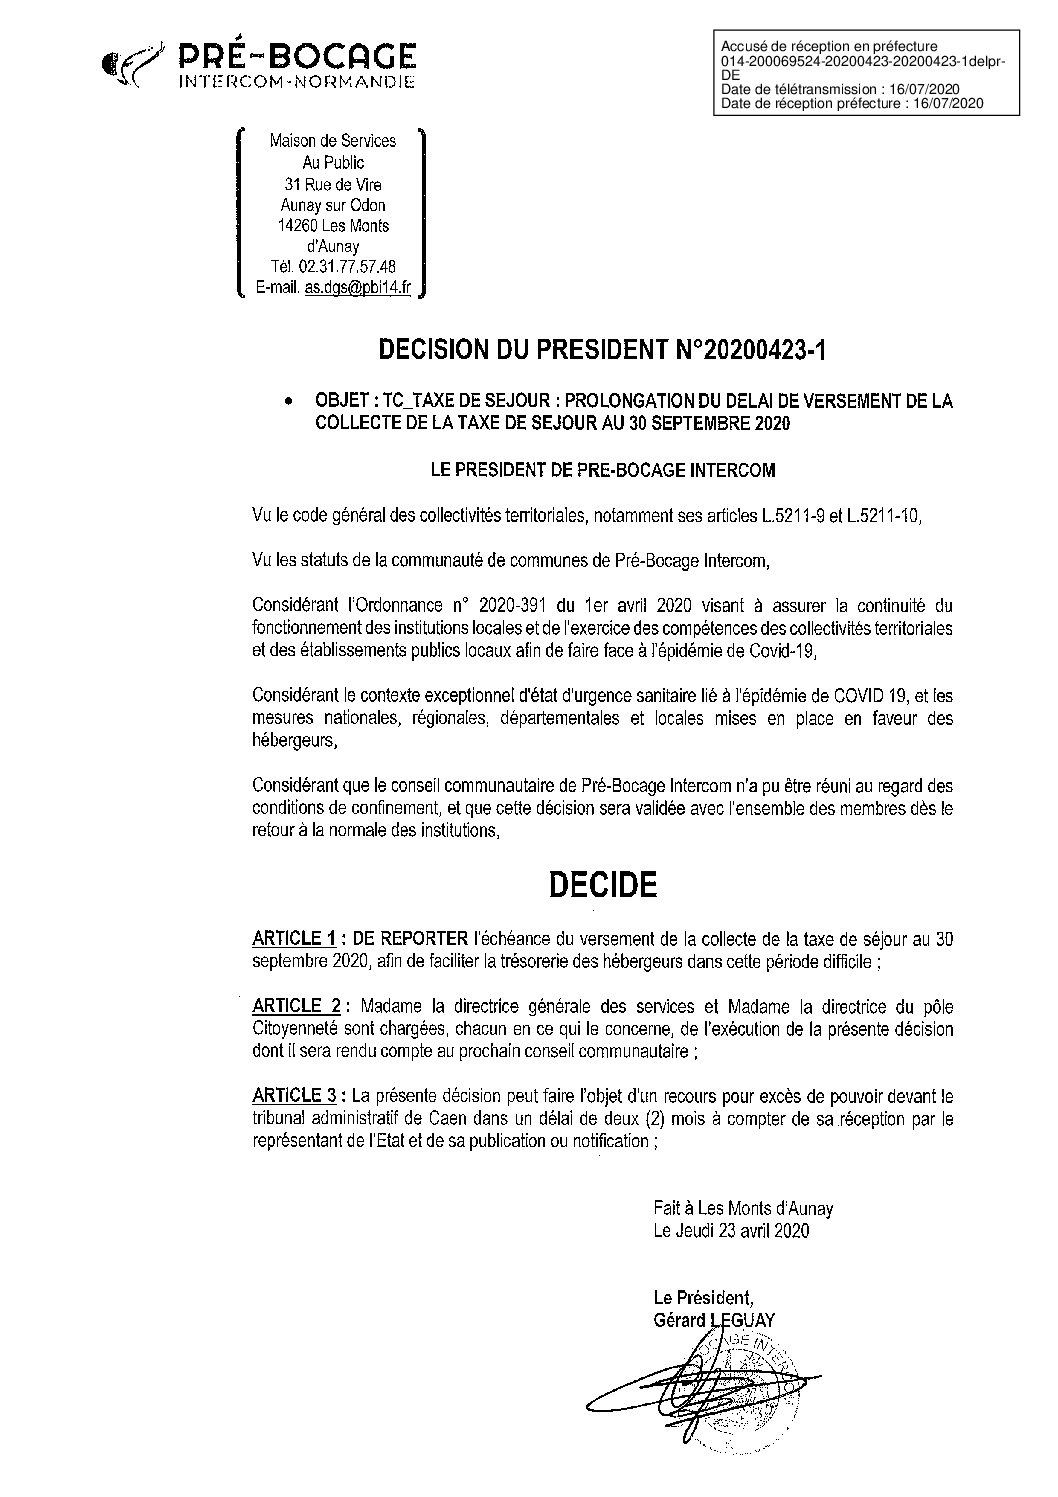 Décision déléguée du 23 avril 2020